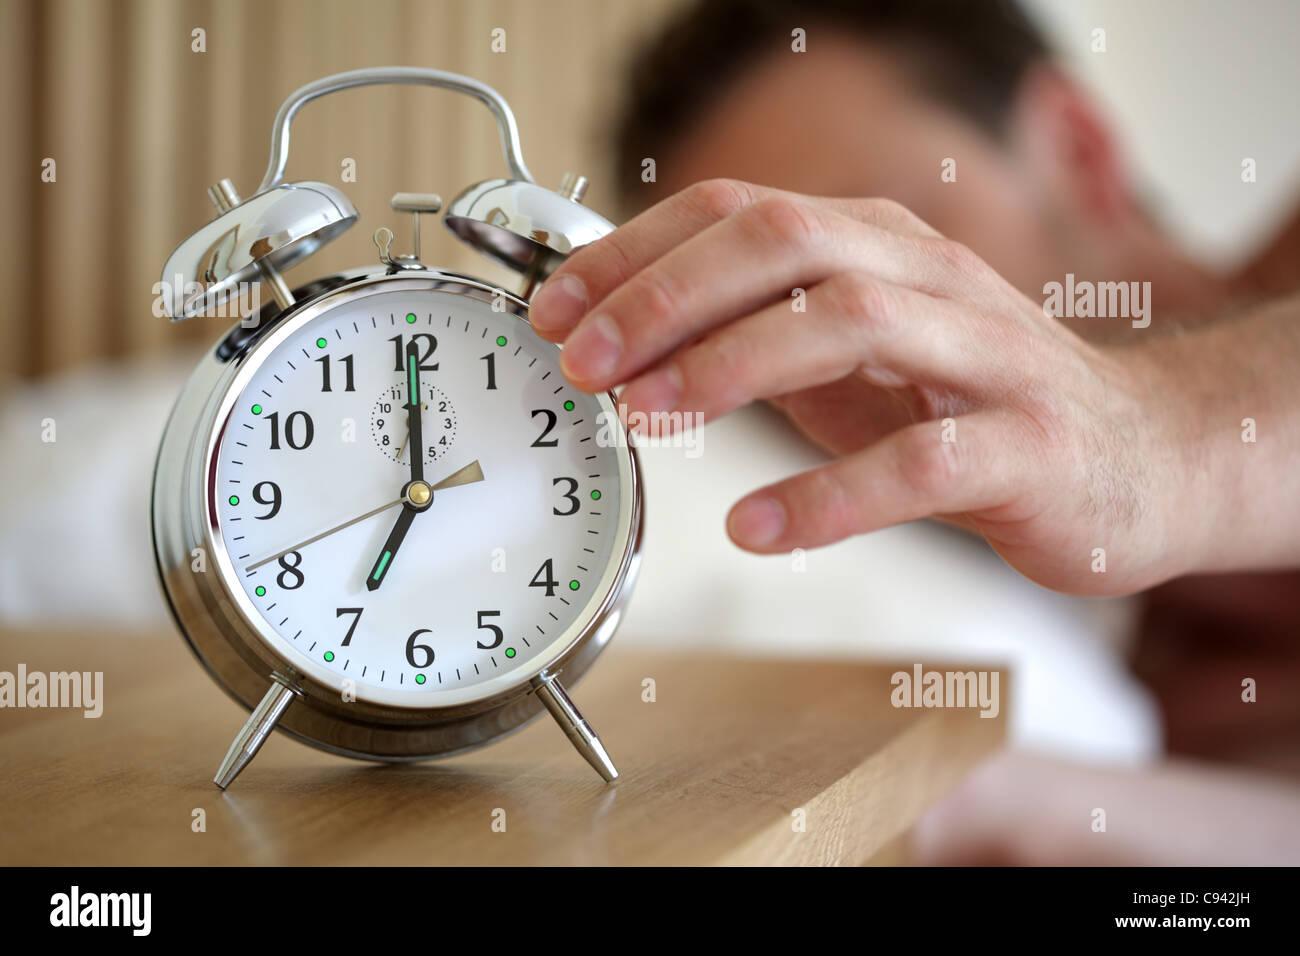 La desactivación de la alarma del reloj Imagen De Stock